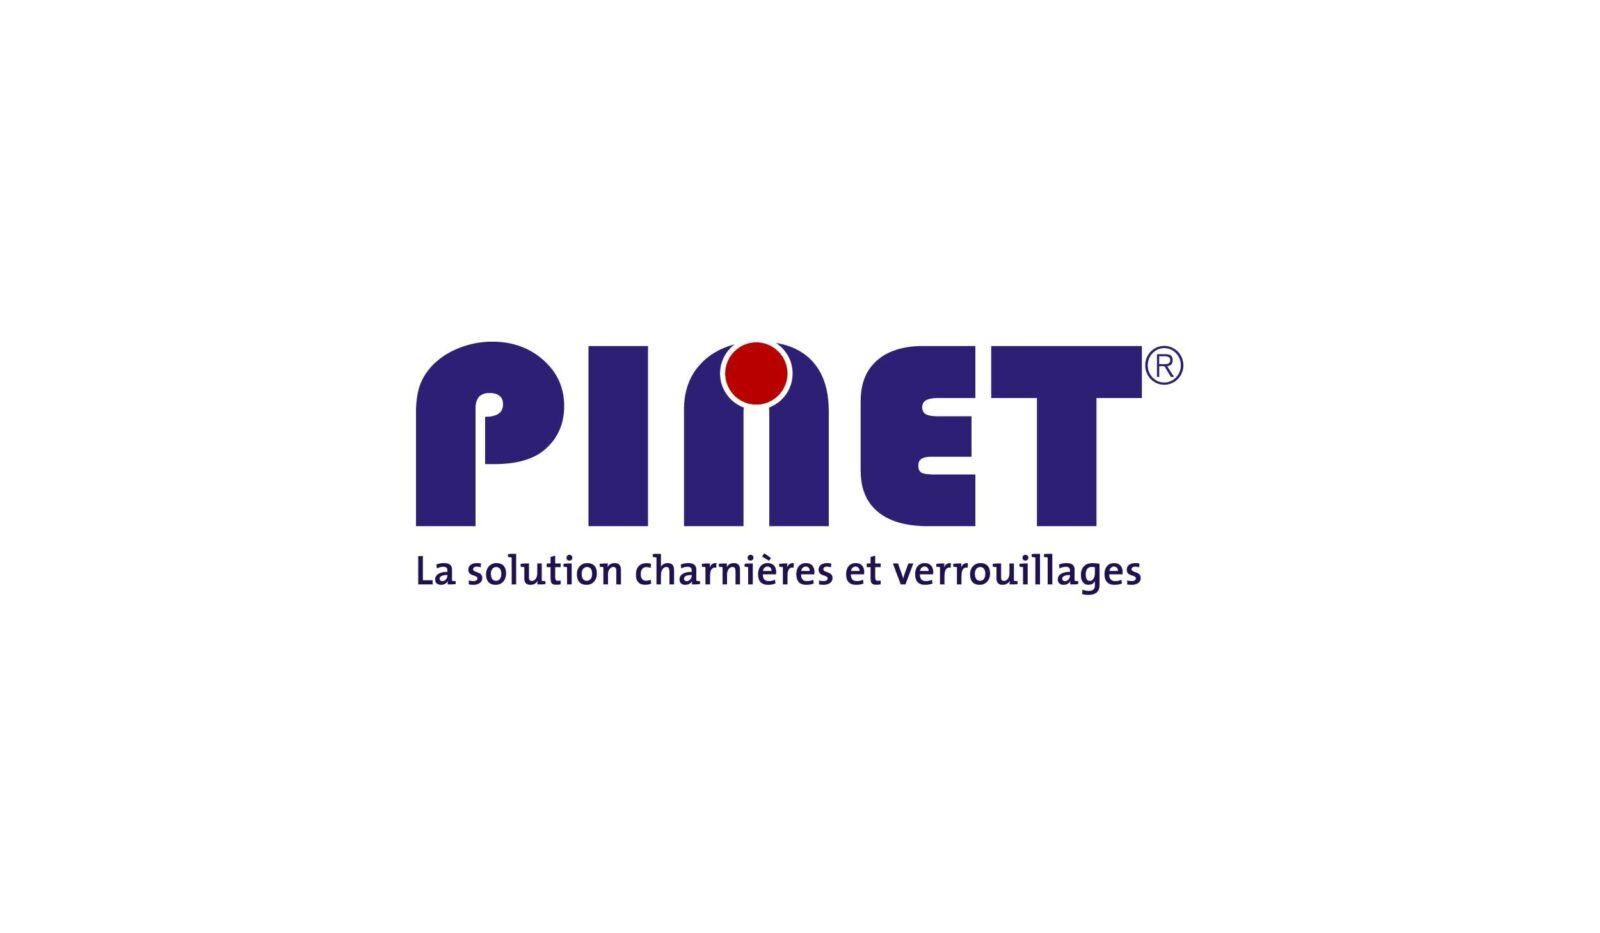 https://www.ccifrance-allemagne.fr/wp-content/uploads/2021/06/Pinet-logo-scaled.jpg